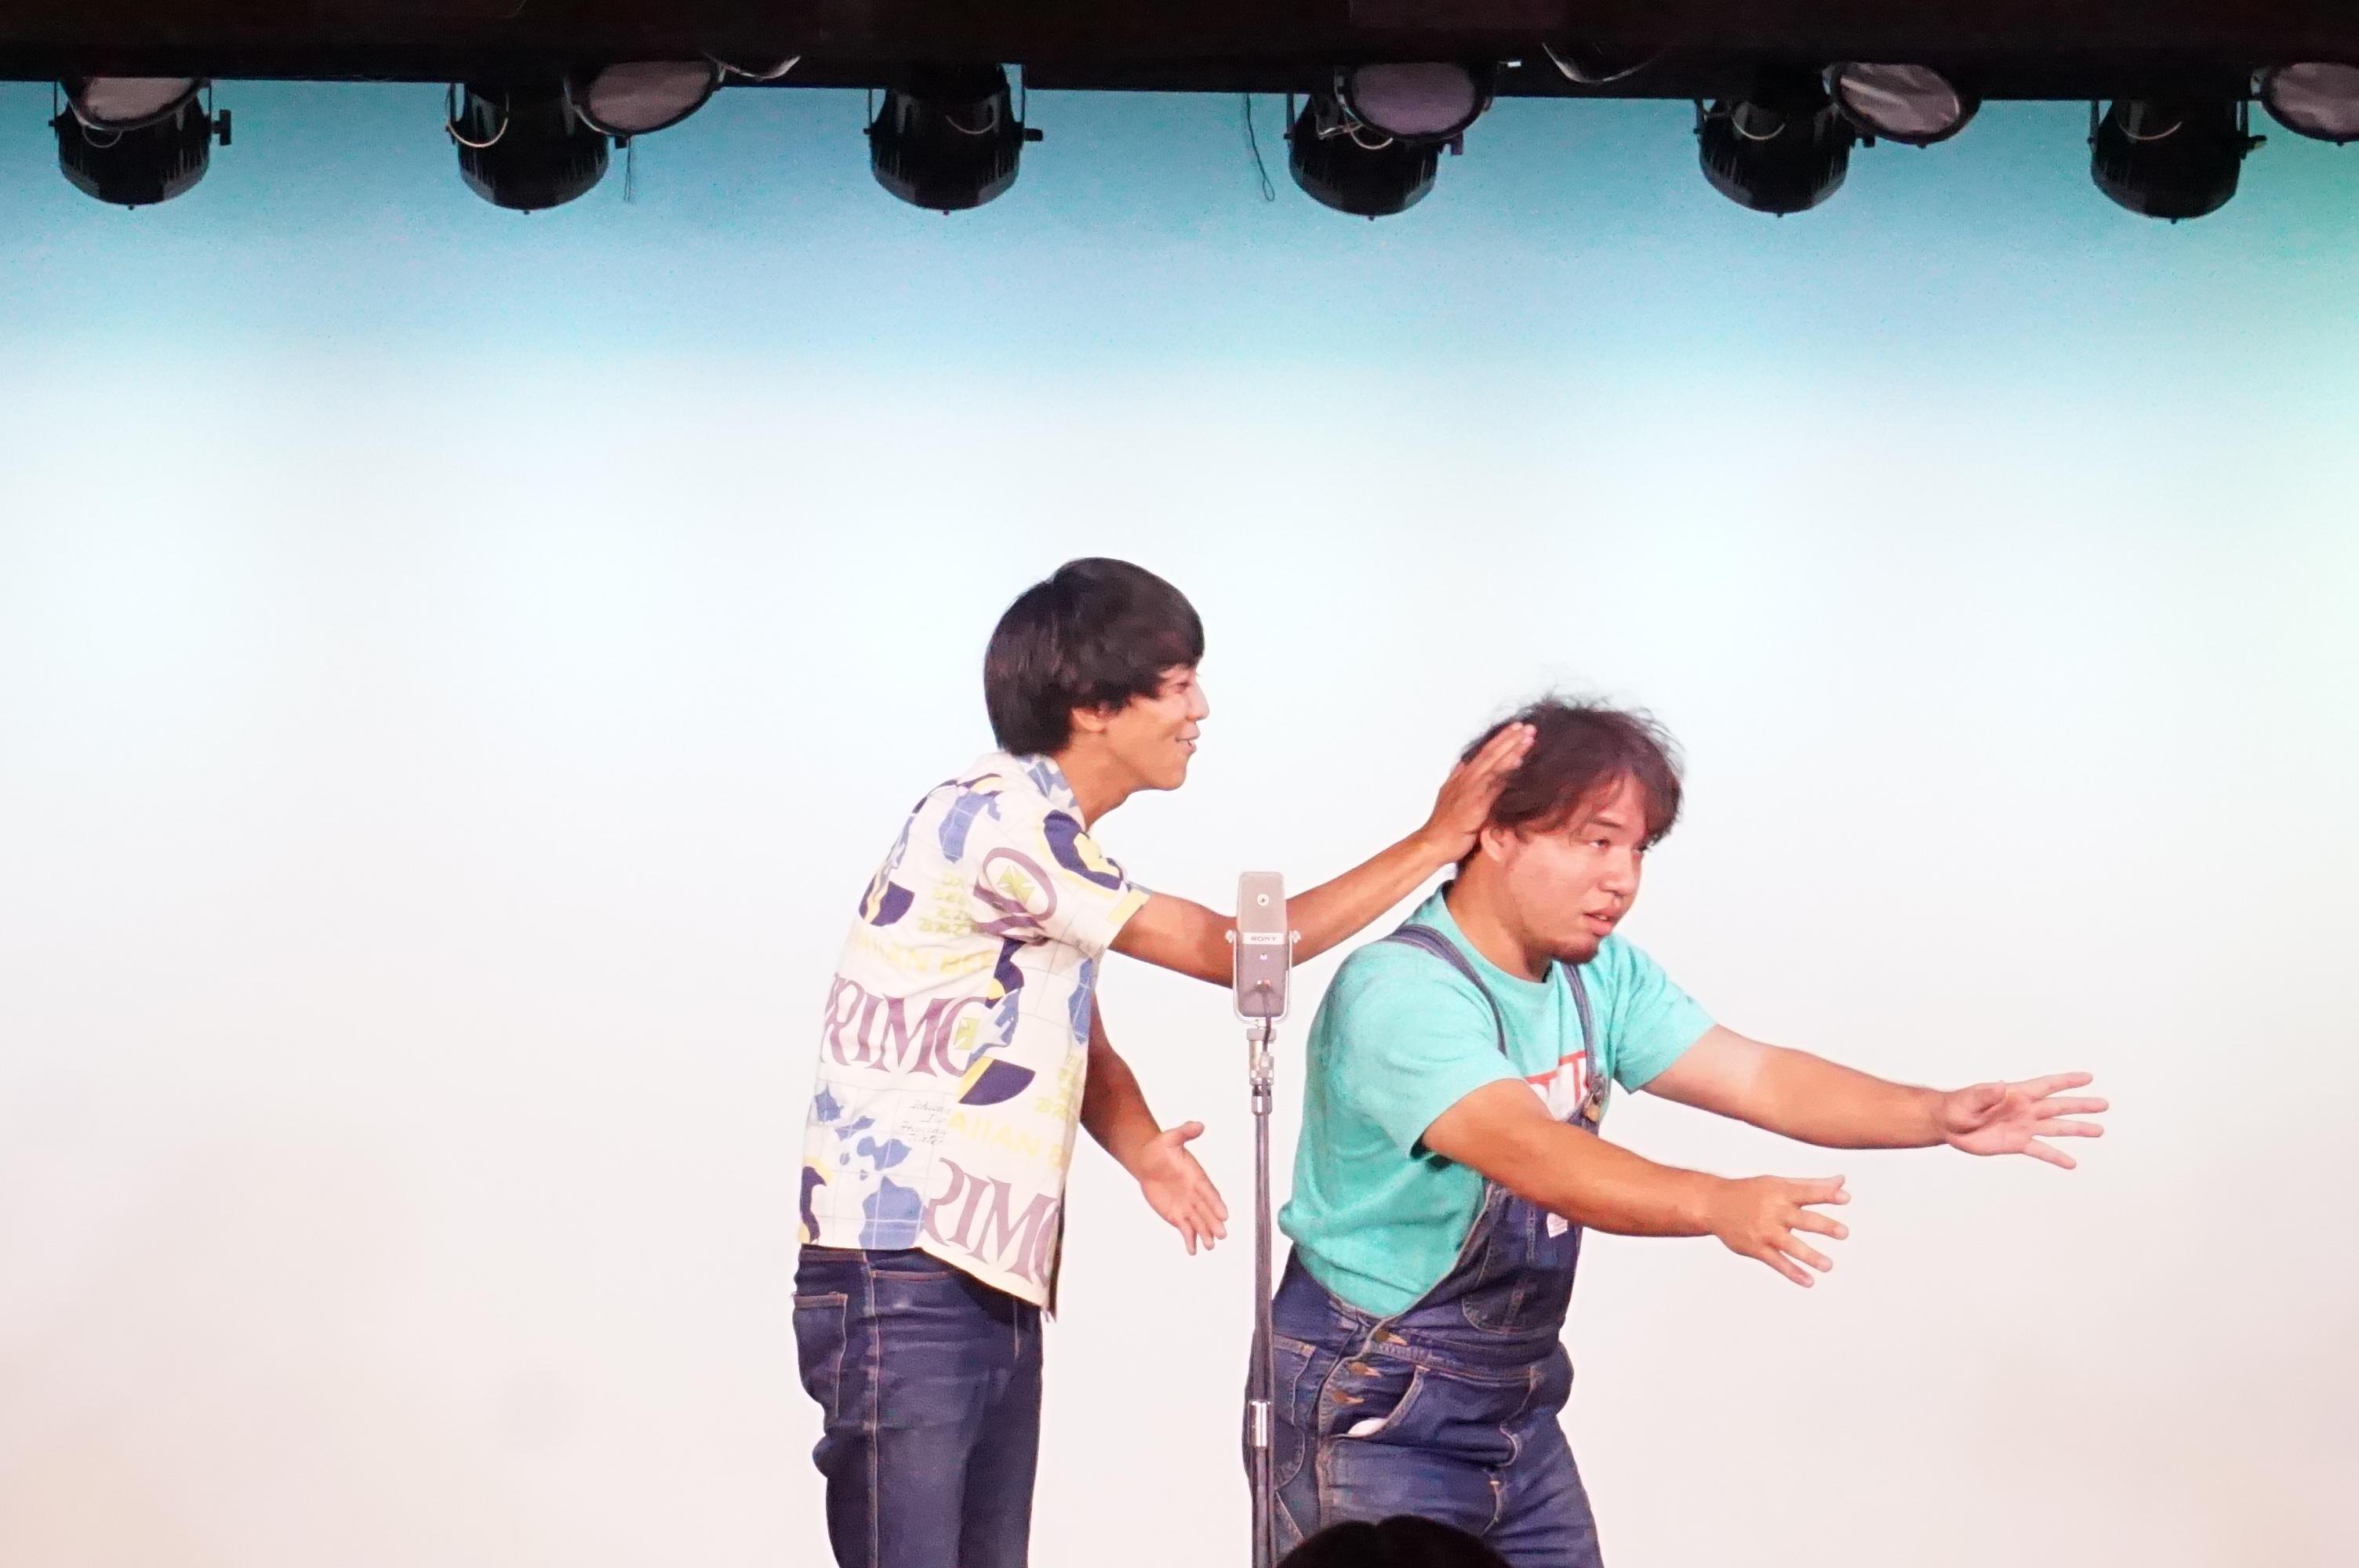 http://news.yoshimoto.co.jp/20180724165247-4fcca526248722b5e4a46ba9b7de033b9972ba94.jpg